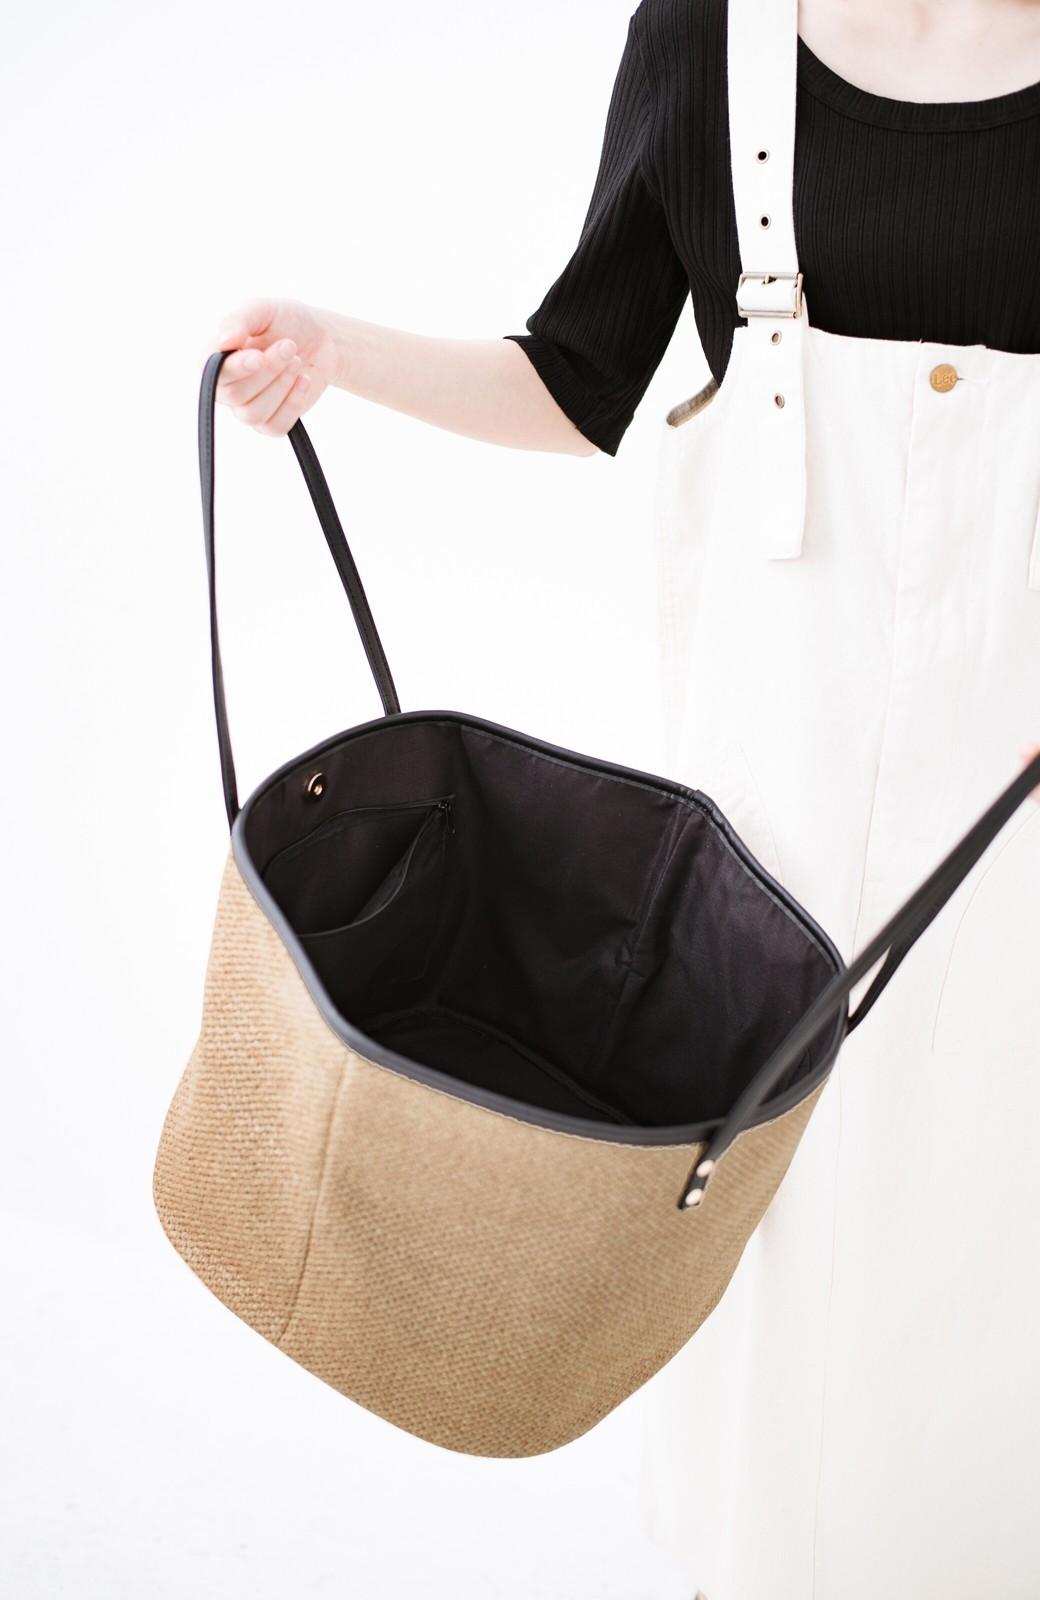 haco! ピクニックにも毎日のおともにも ざっくり入って便利な大きめトートバッグ <ブラック>の商品写真3